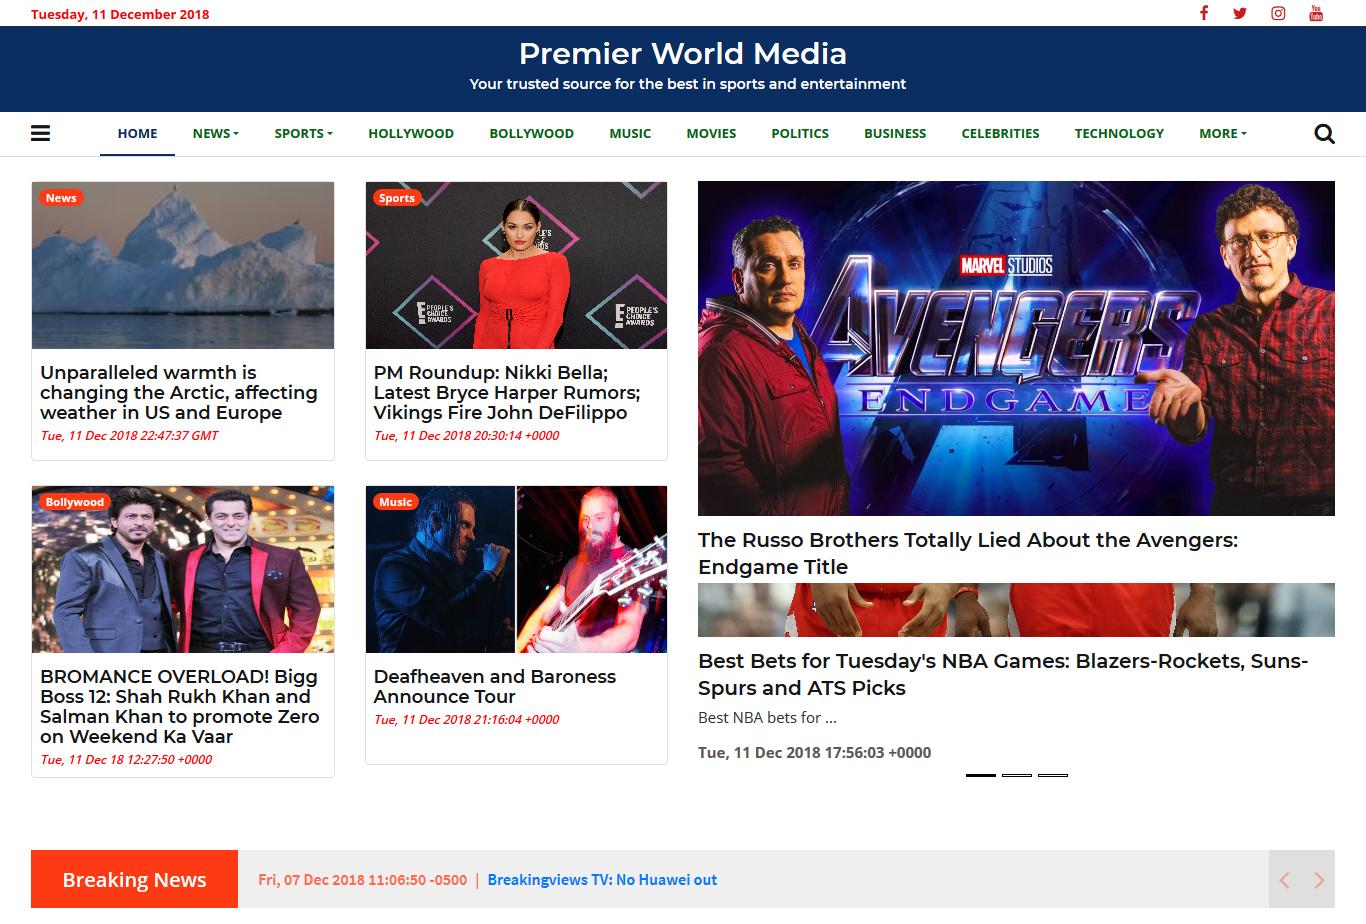 Premiere World Media